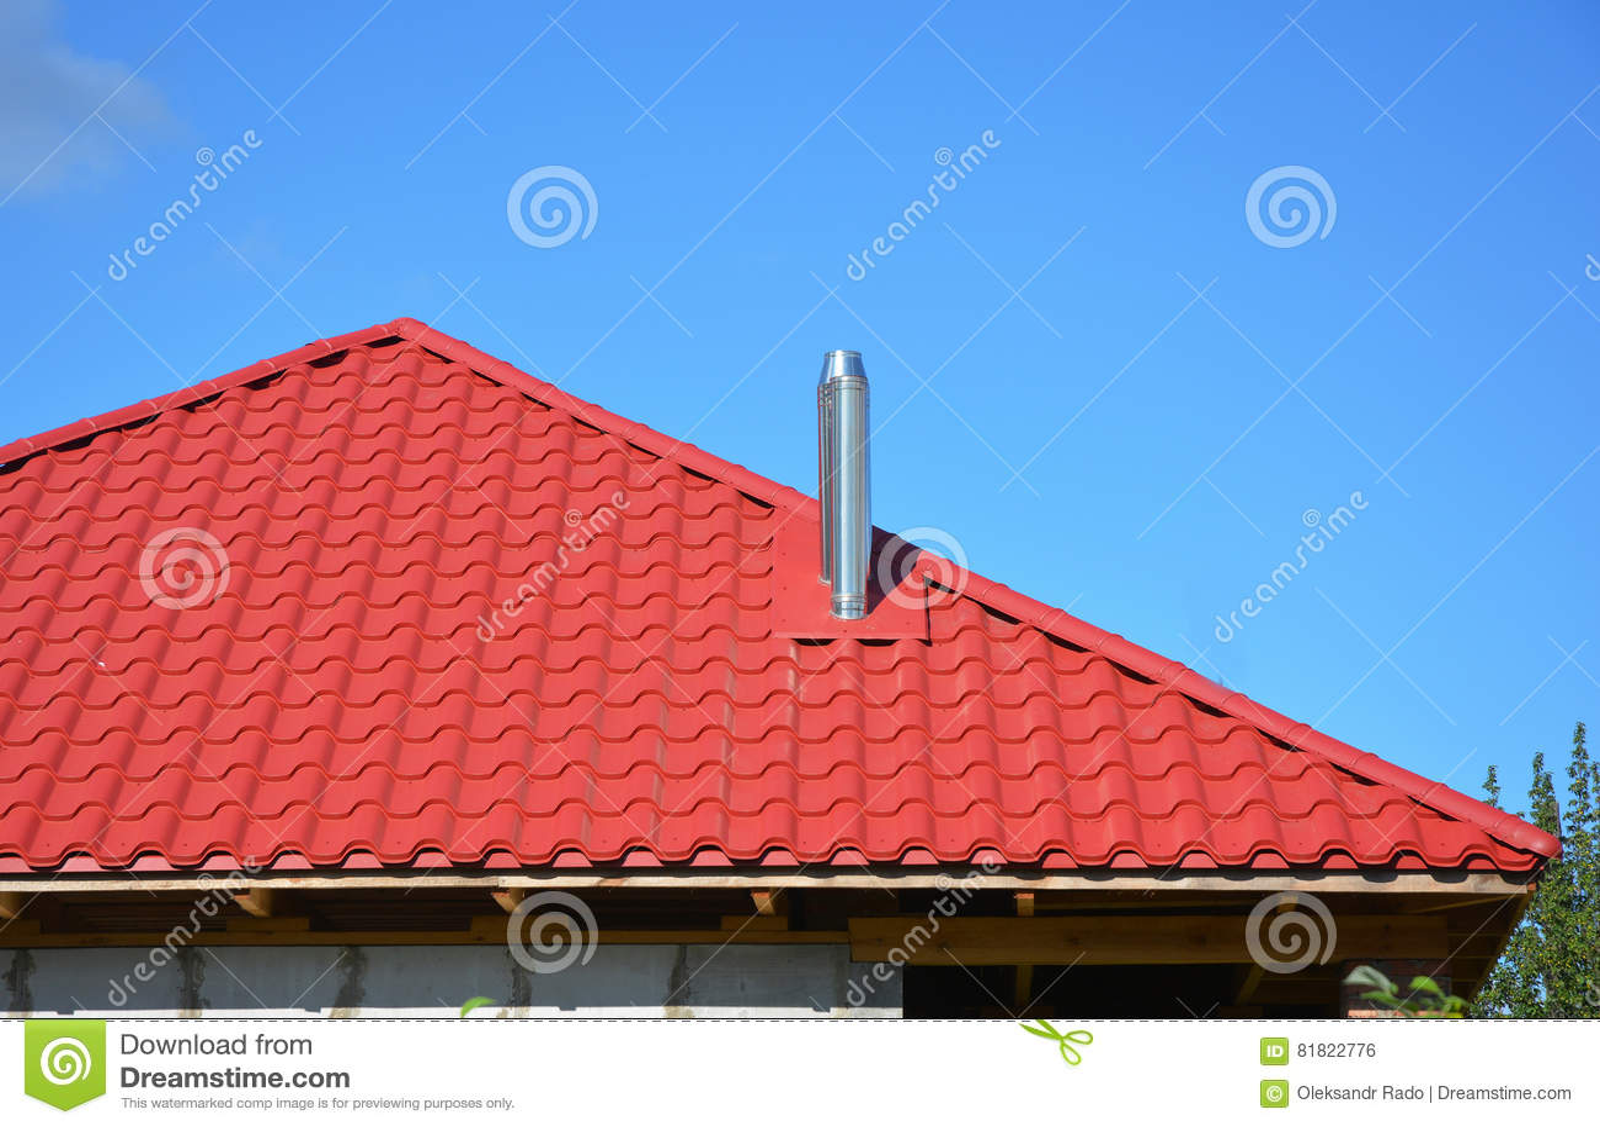 Конструкция толя Новый красный металл крыл крышу черепицей с стальным экстерьером конструкции толя дома печной трубы без системы